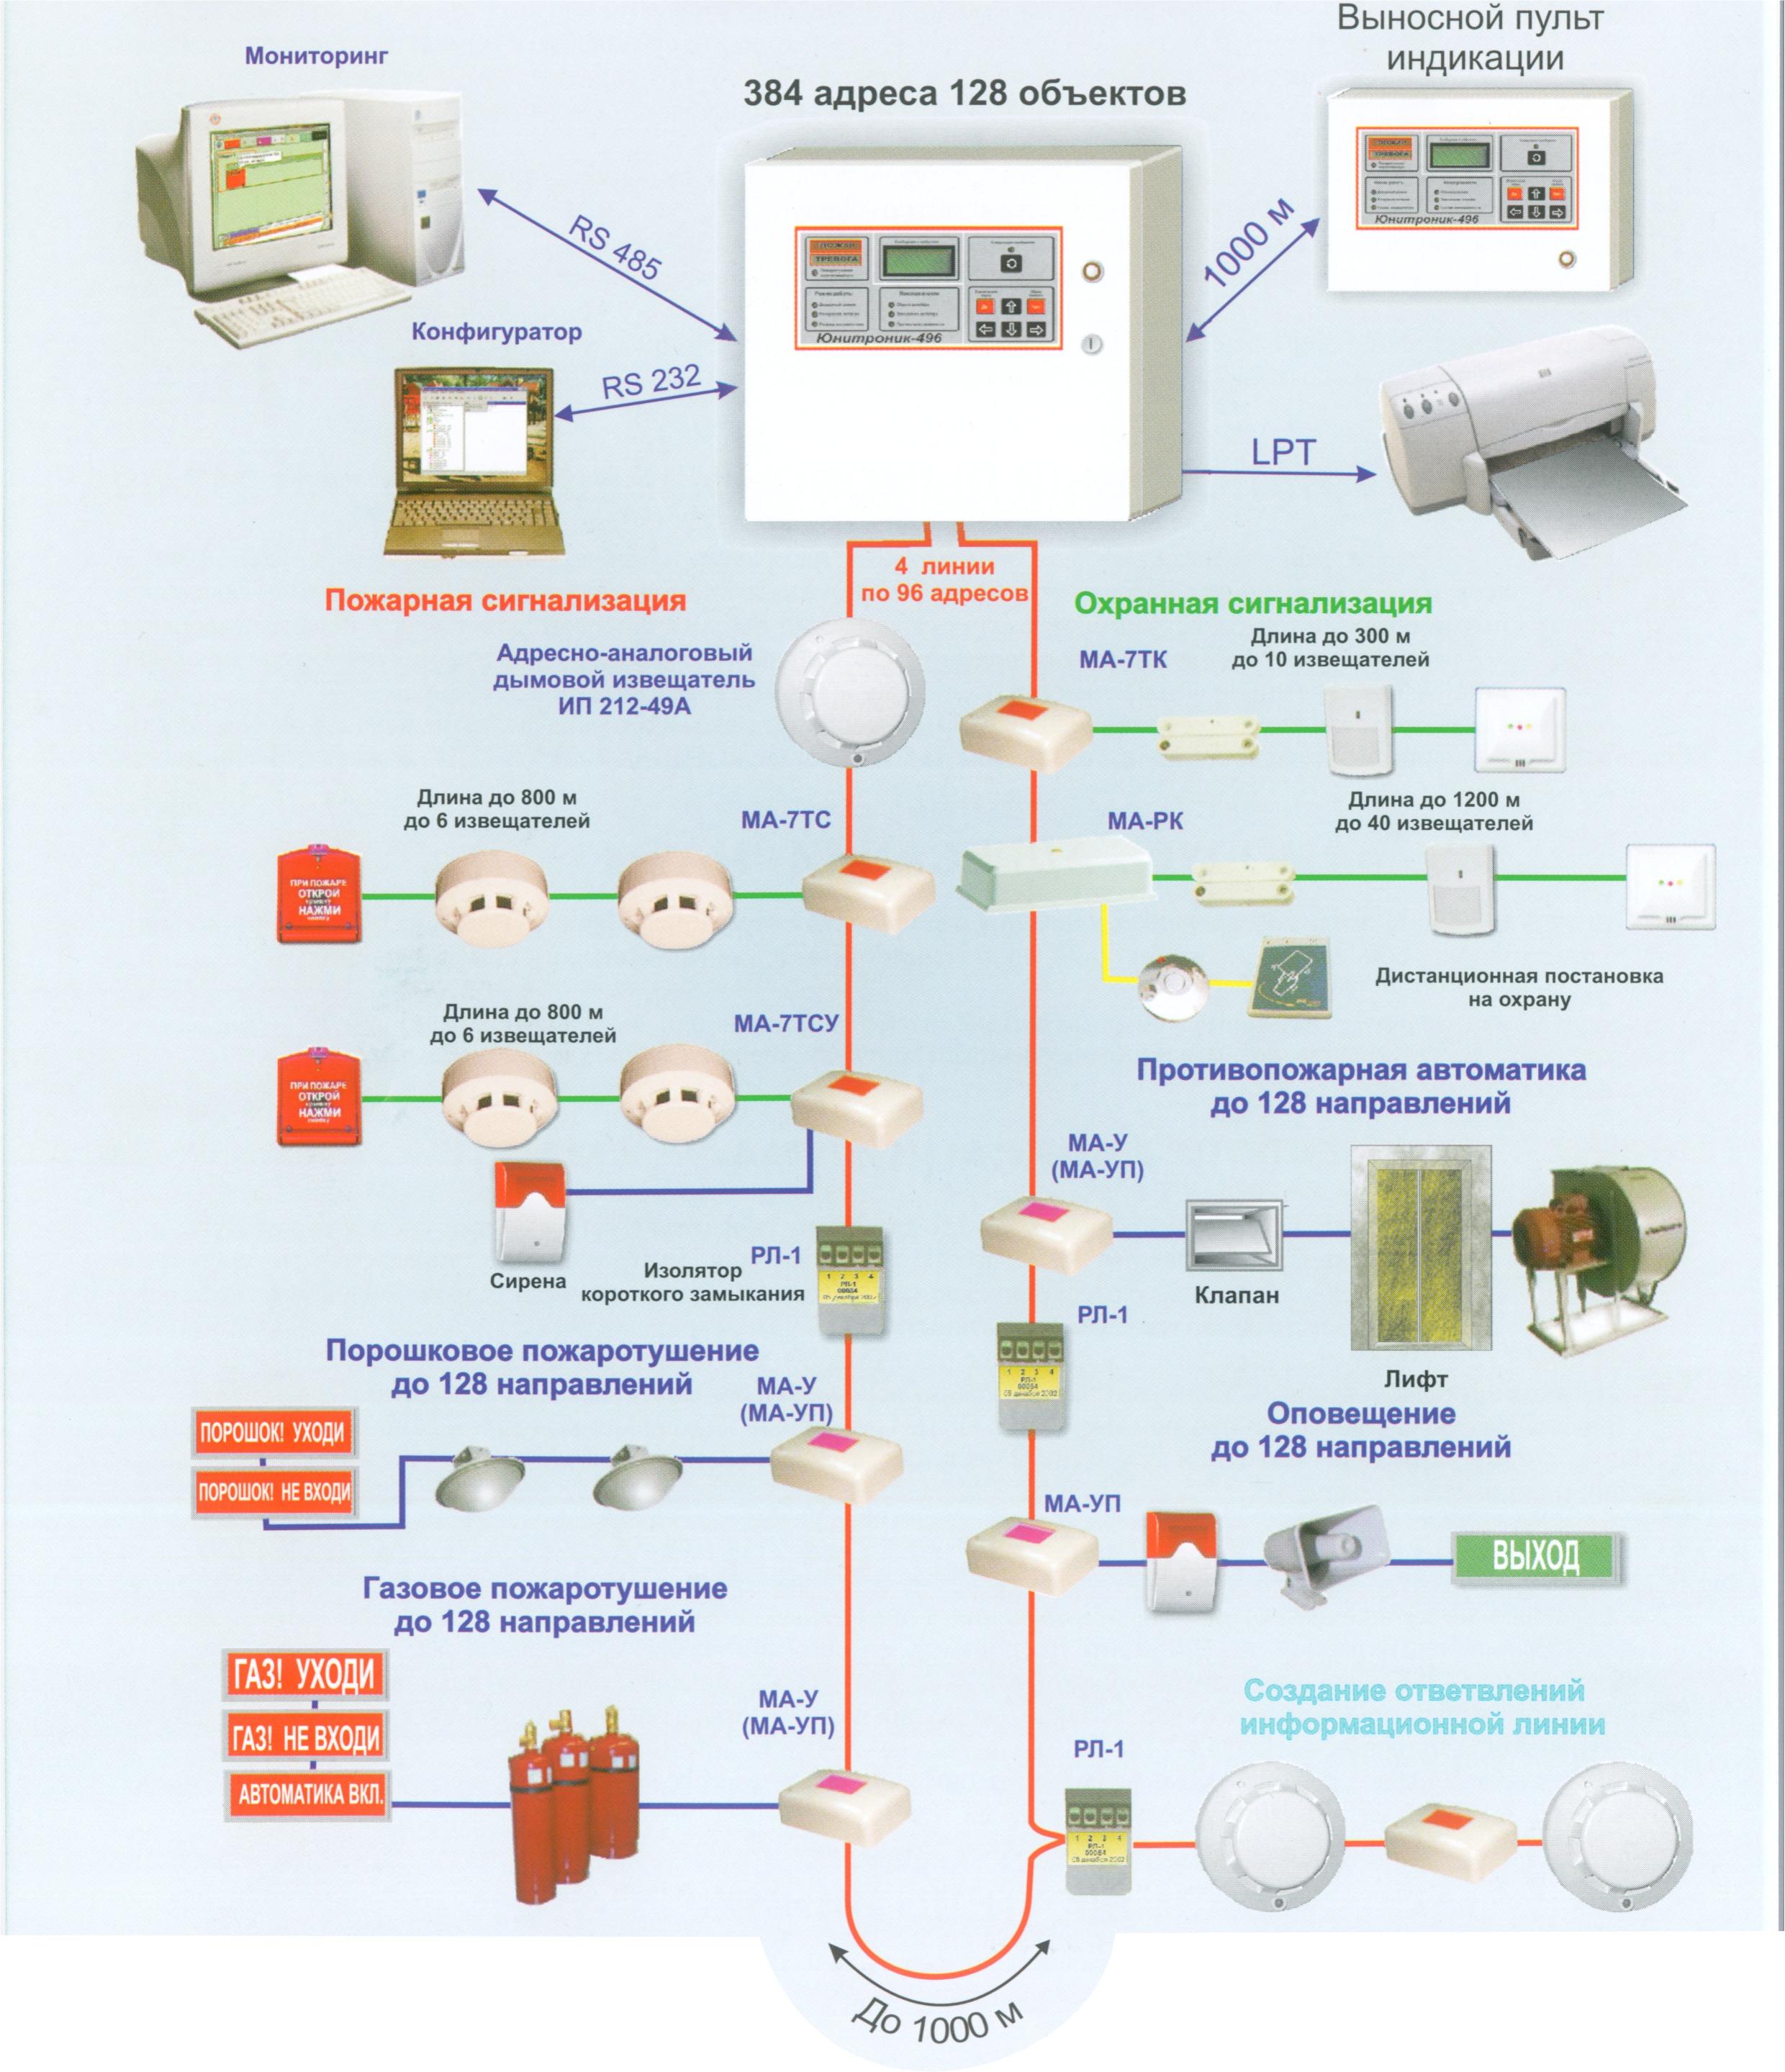 При использовании в системе сигнально-пусковых релейных блоков С2000-СП1 можно увеличить количество подключаемых...